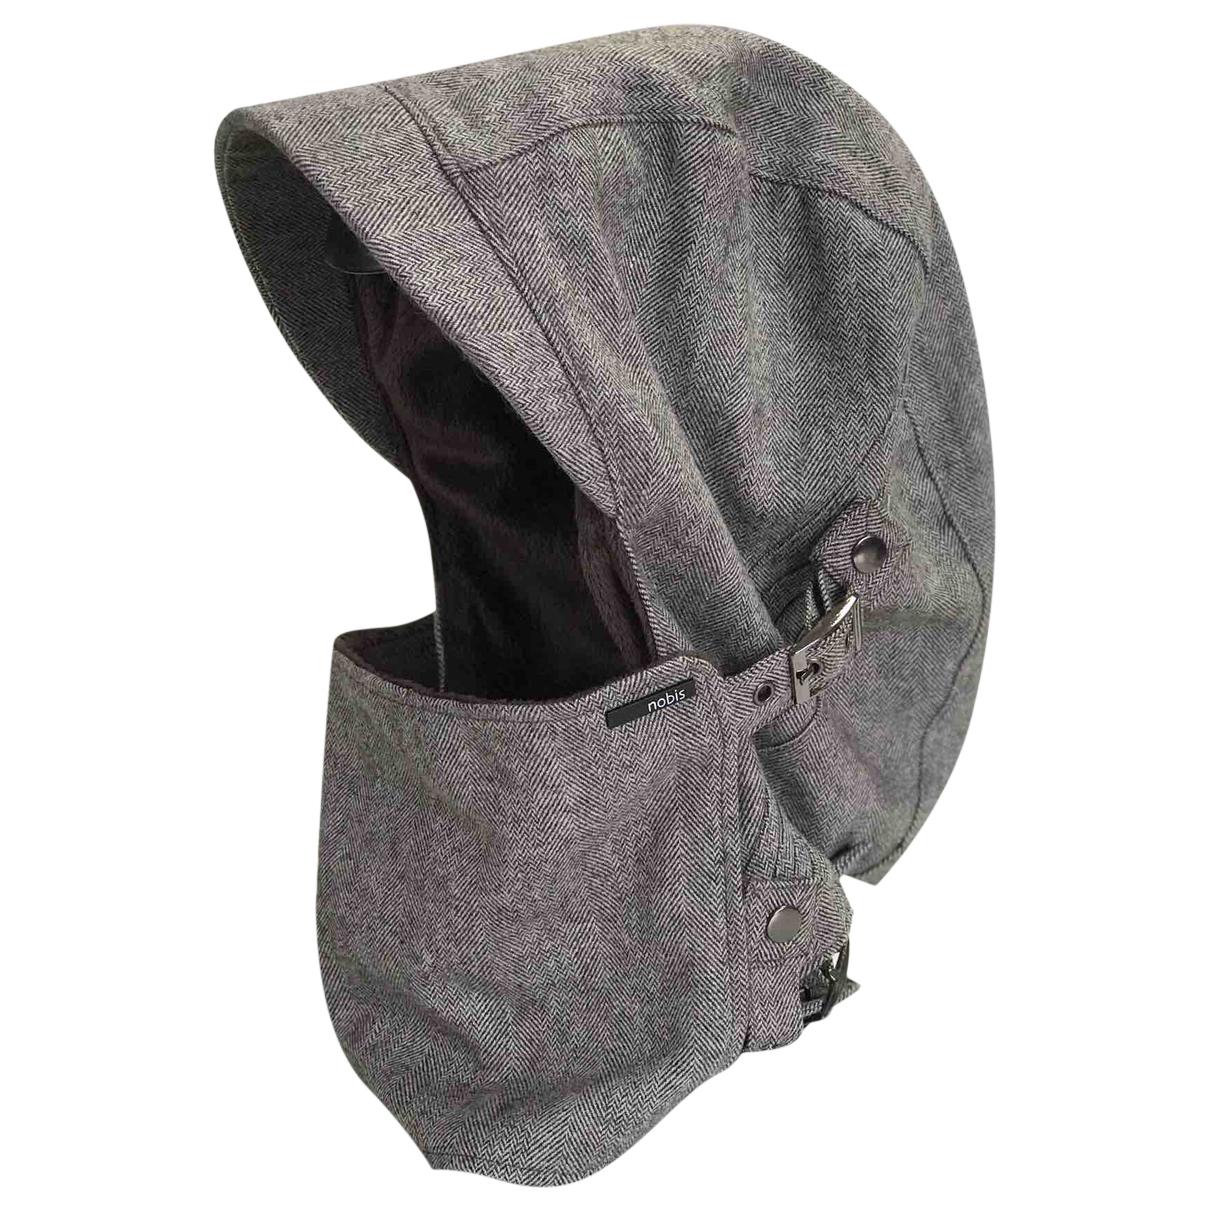 Nobis \N Hut, Muetzen in  Grau Wolle